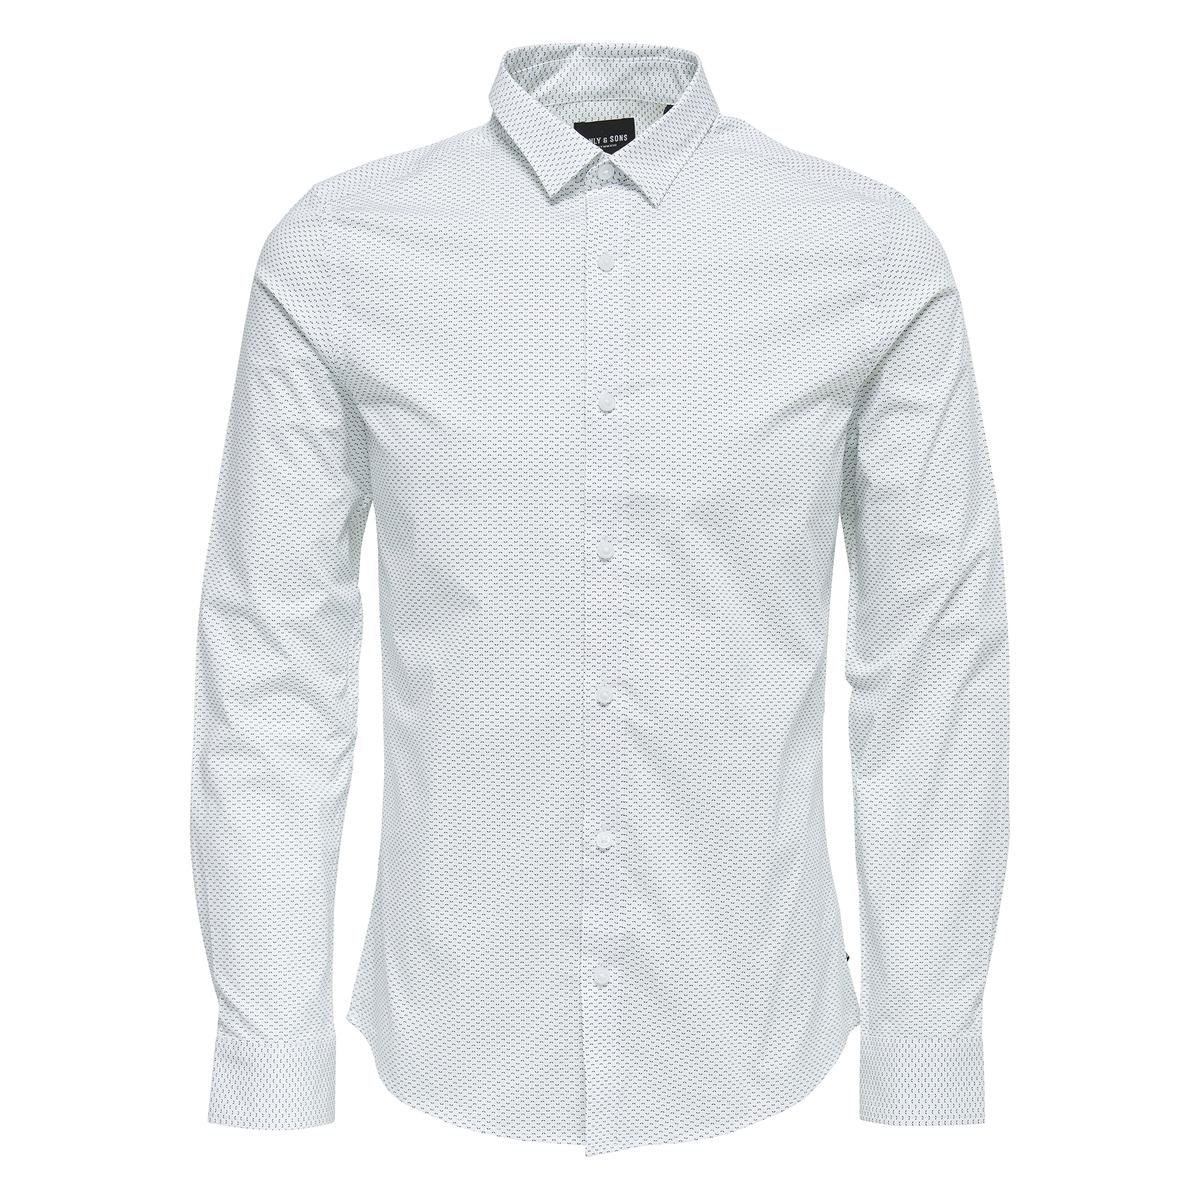 Рубашка с рисунком и длинными рукавамиОписание:Детали •  Длинные рукава •  Приталенный покрой   •  Классический воротникСостав и уход •  97% хлопка, 3% эластана •  Следуйте рекомендациям по уходу, указанным на этикетке изделия<br><br>Цвет: белый,синий морской<br>Размер: XL.XL.L.L